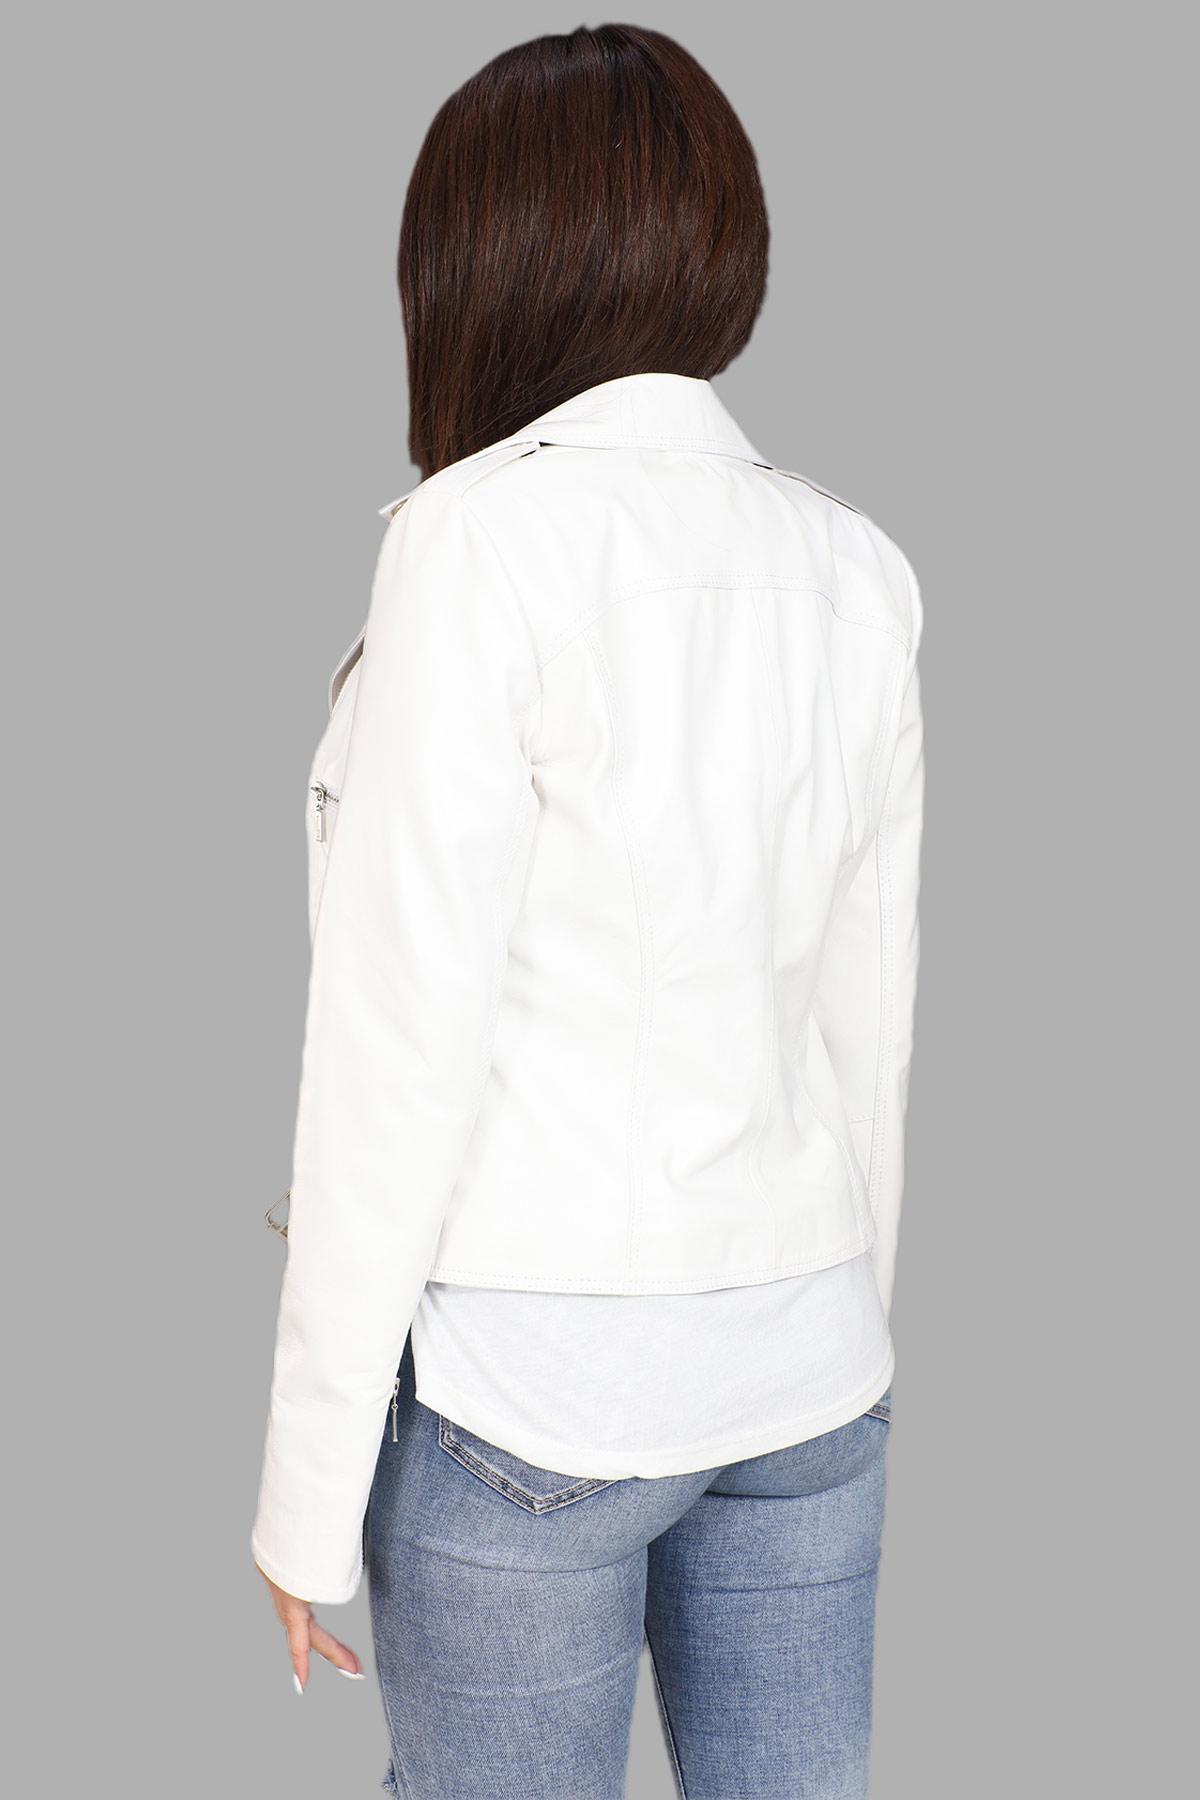 Dockers Lambskin Leather Jacket